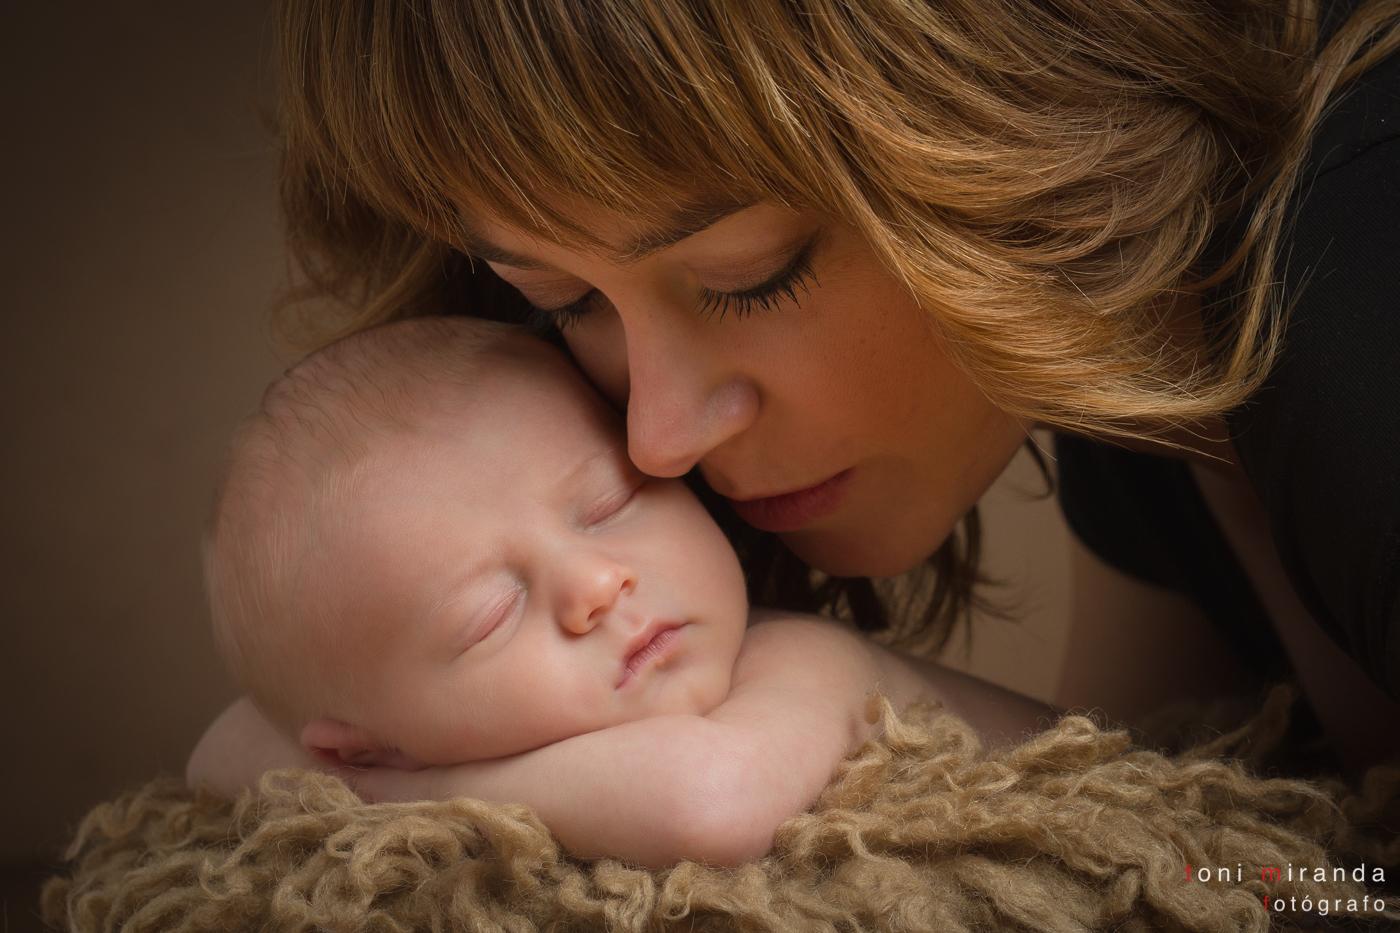 mama con bebe newborn